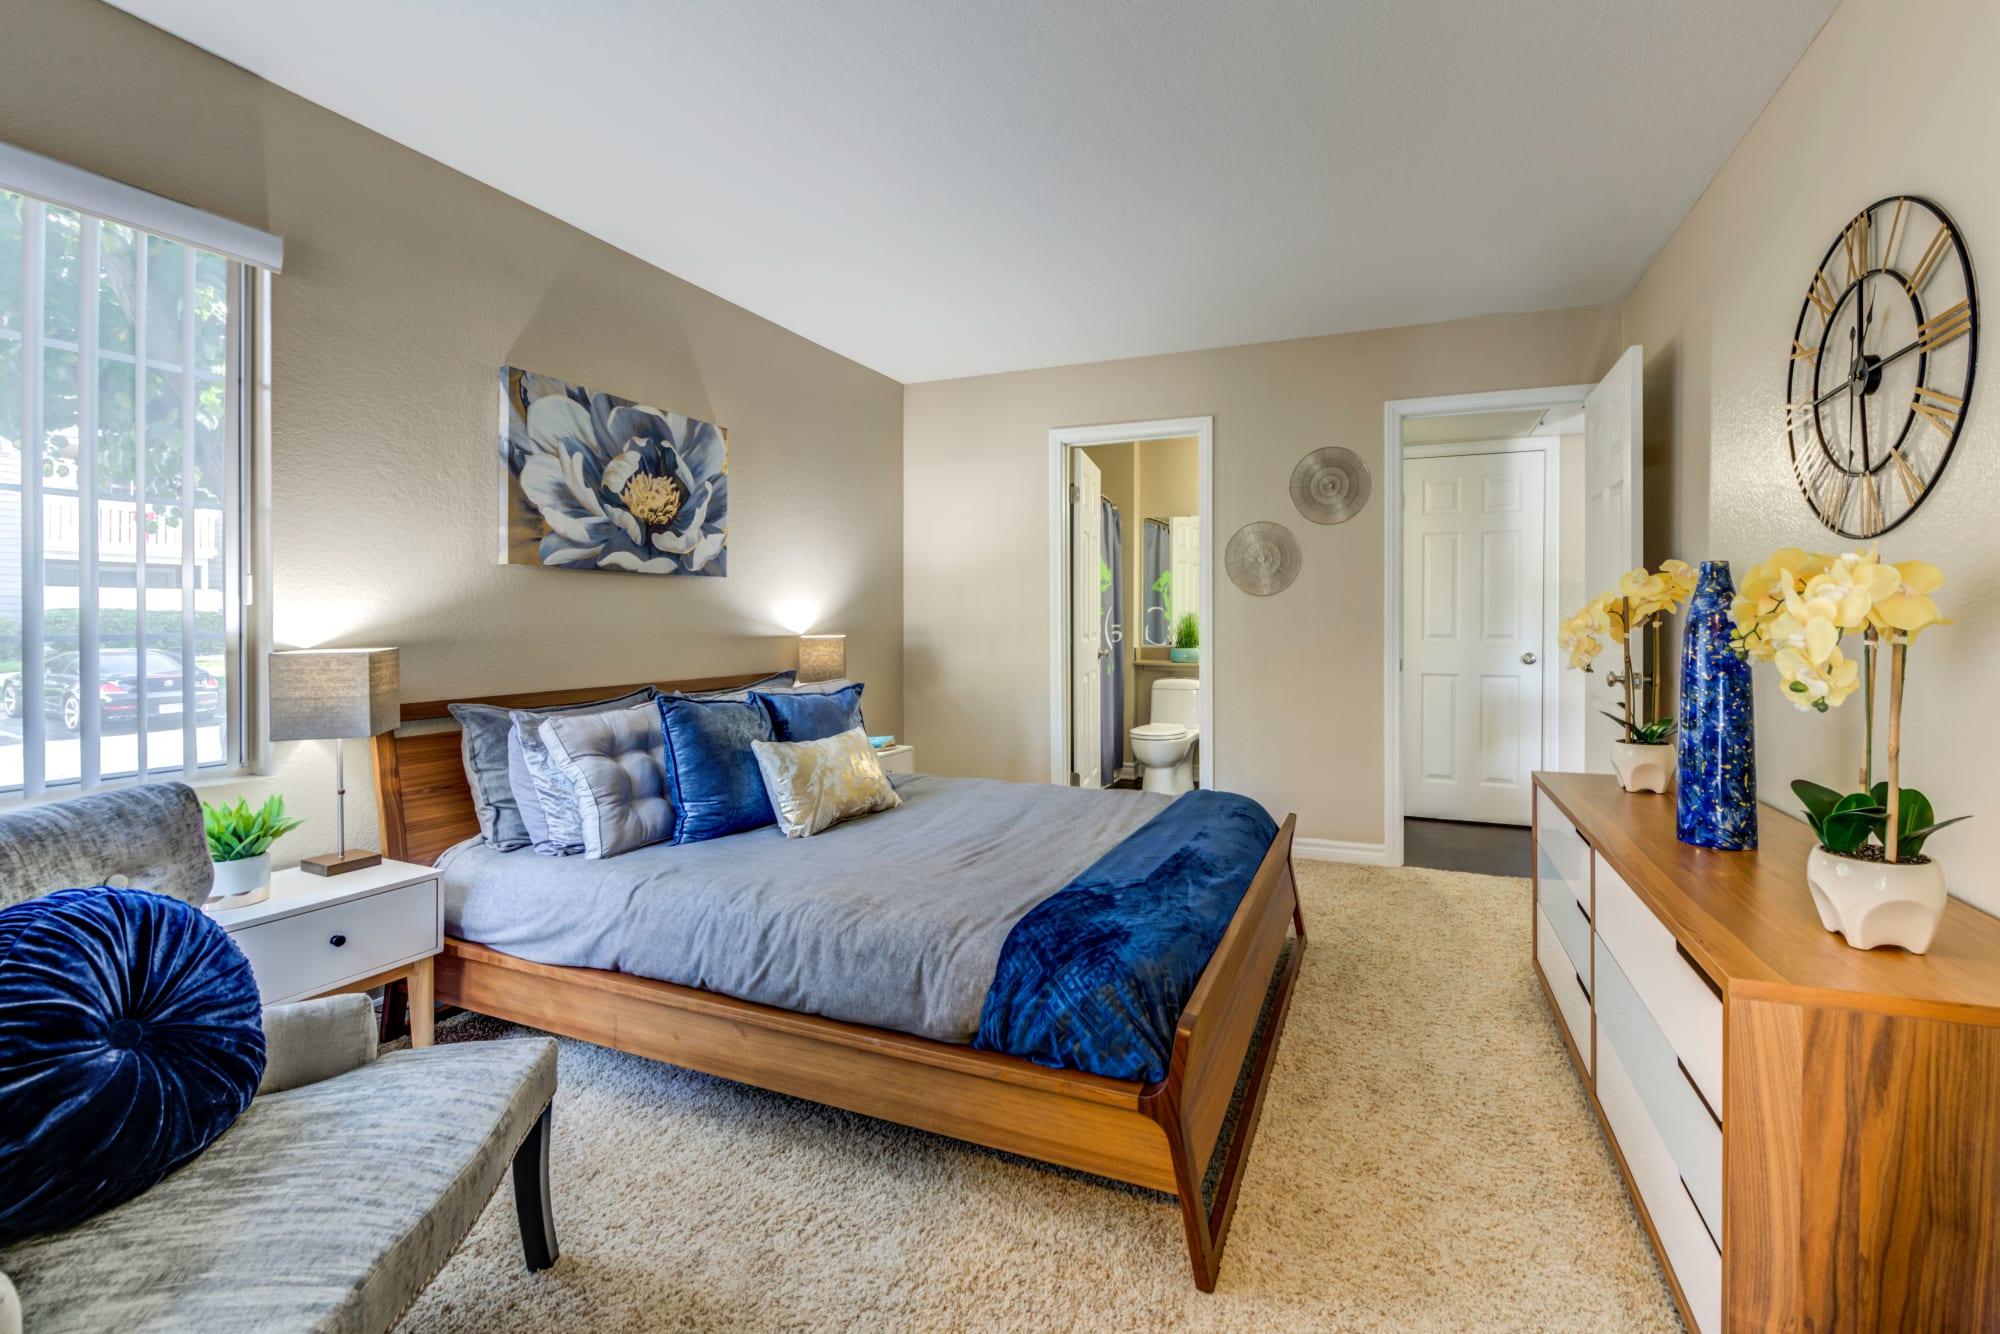 Master Bedroom Furnished at Village Oaks